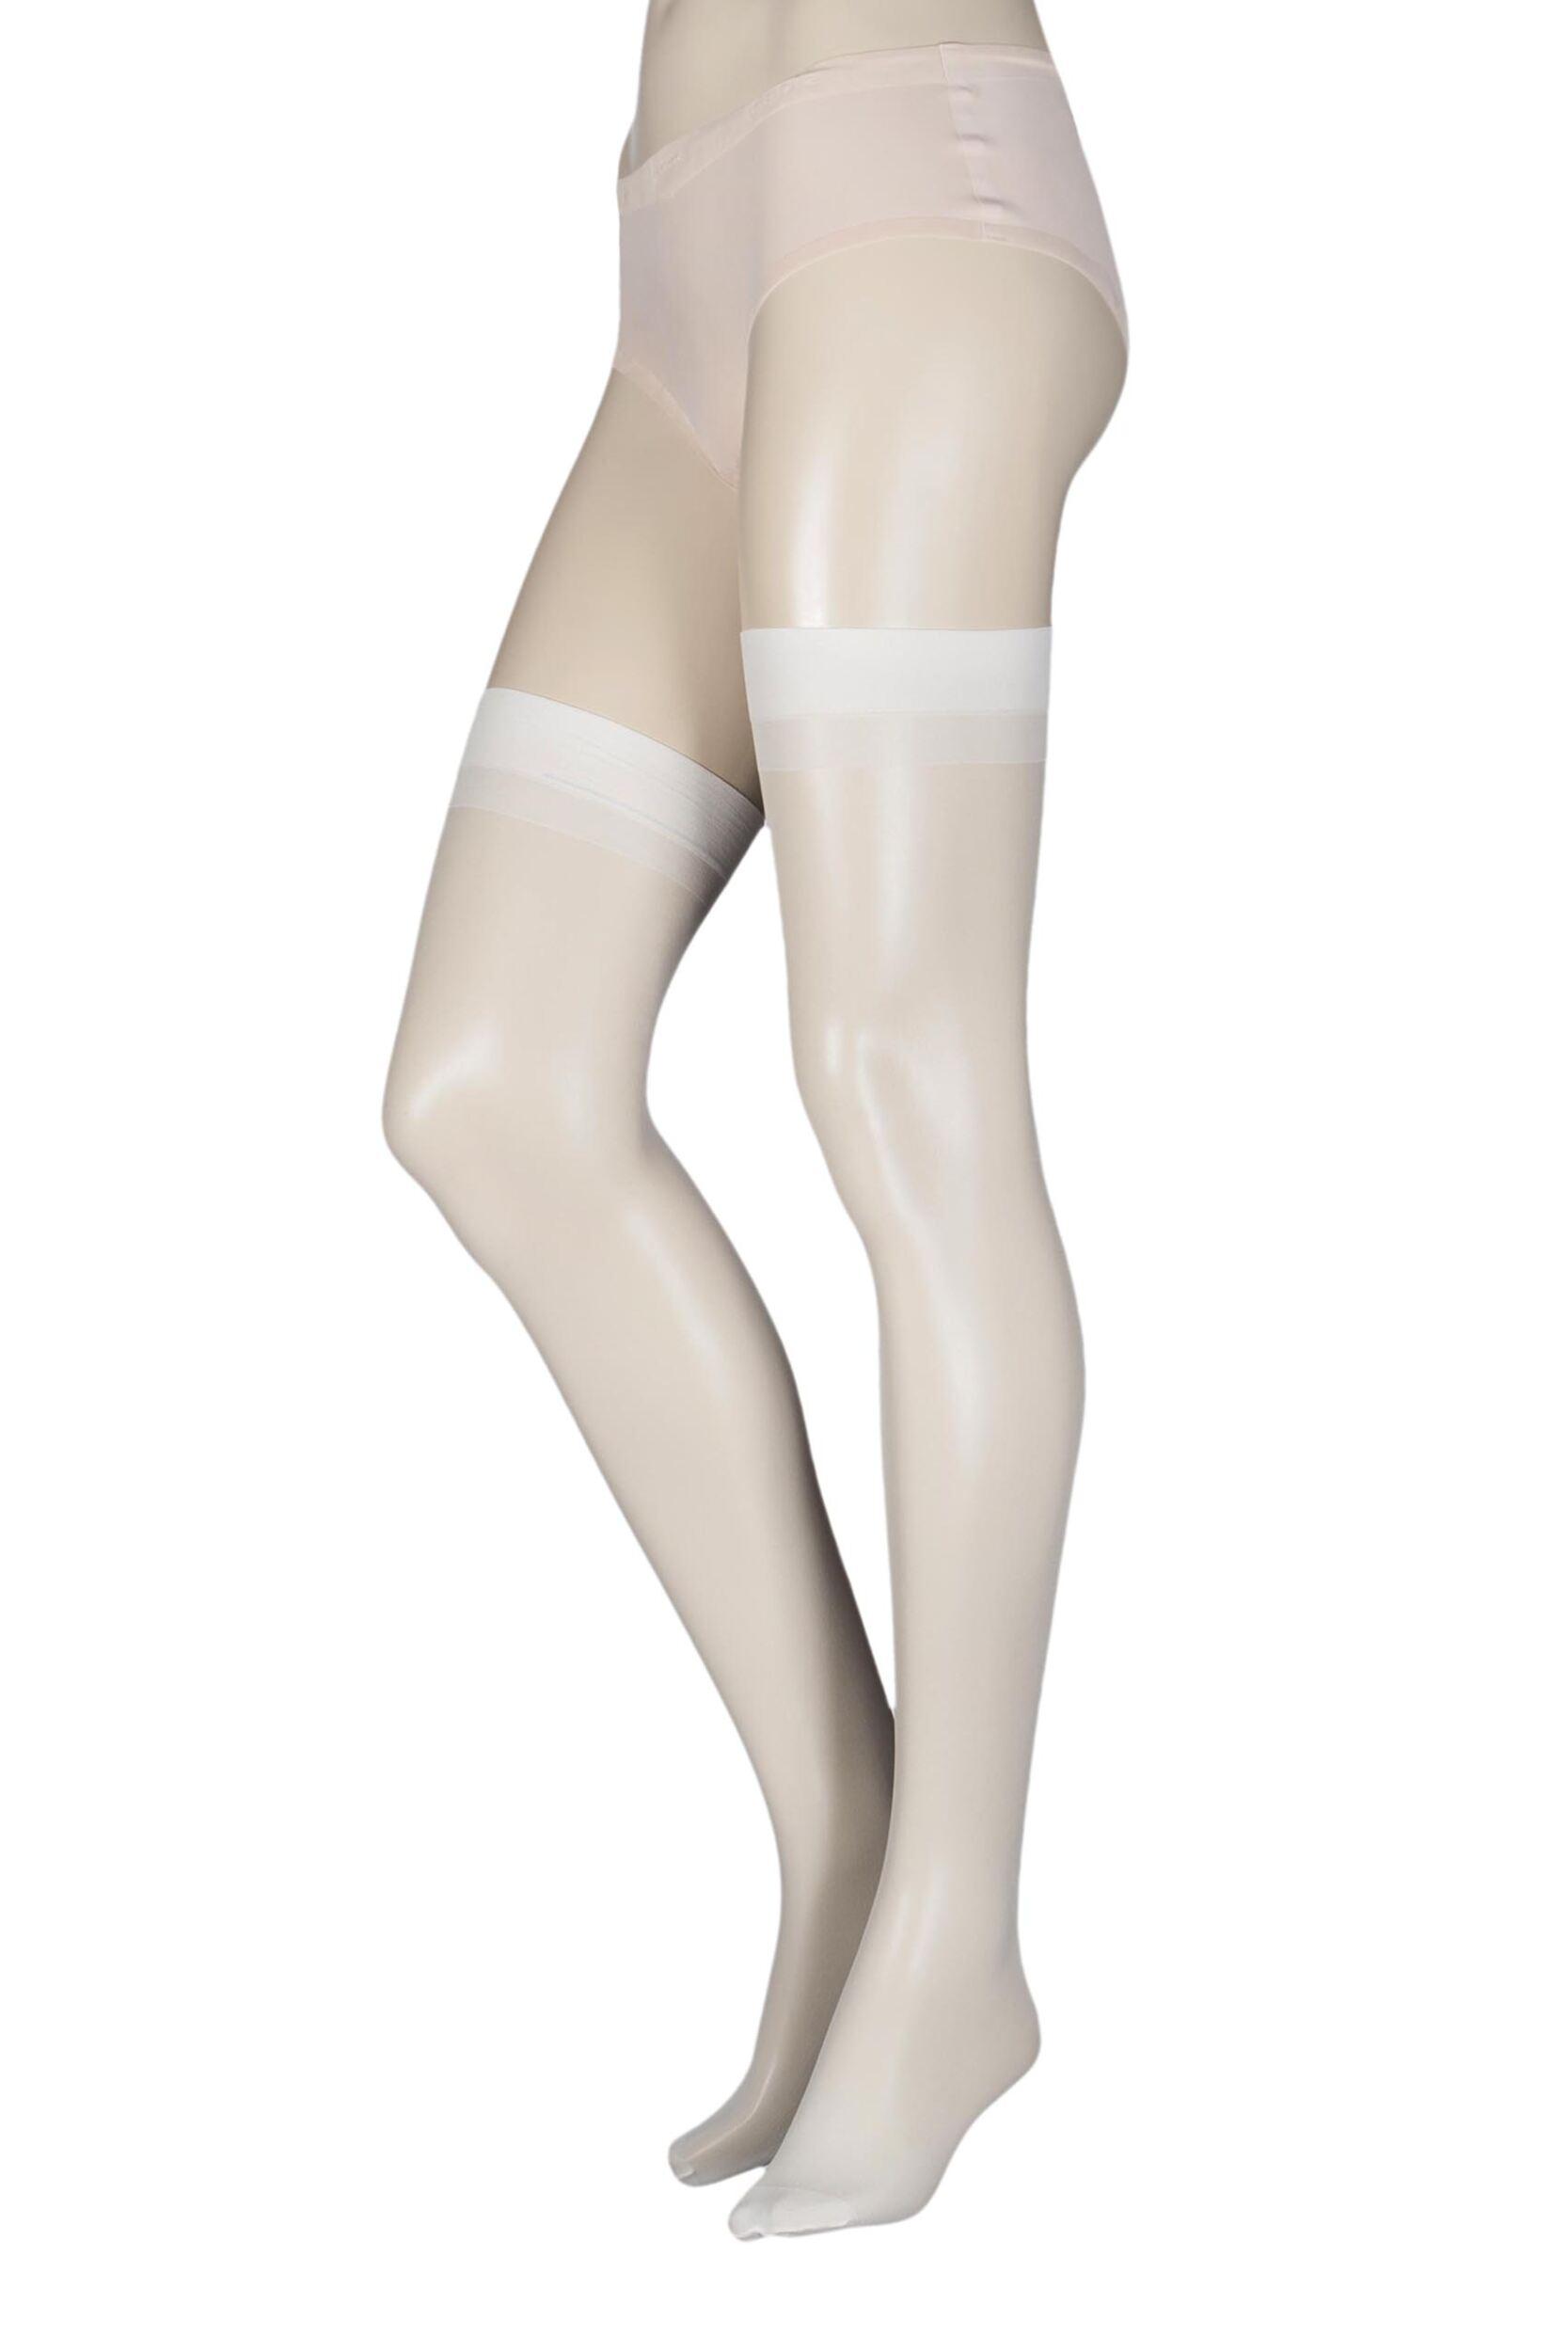 1 Pair Elle Stockings 15 Denier 100% Nylon